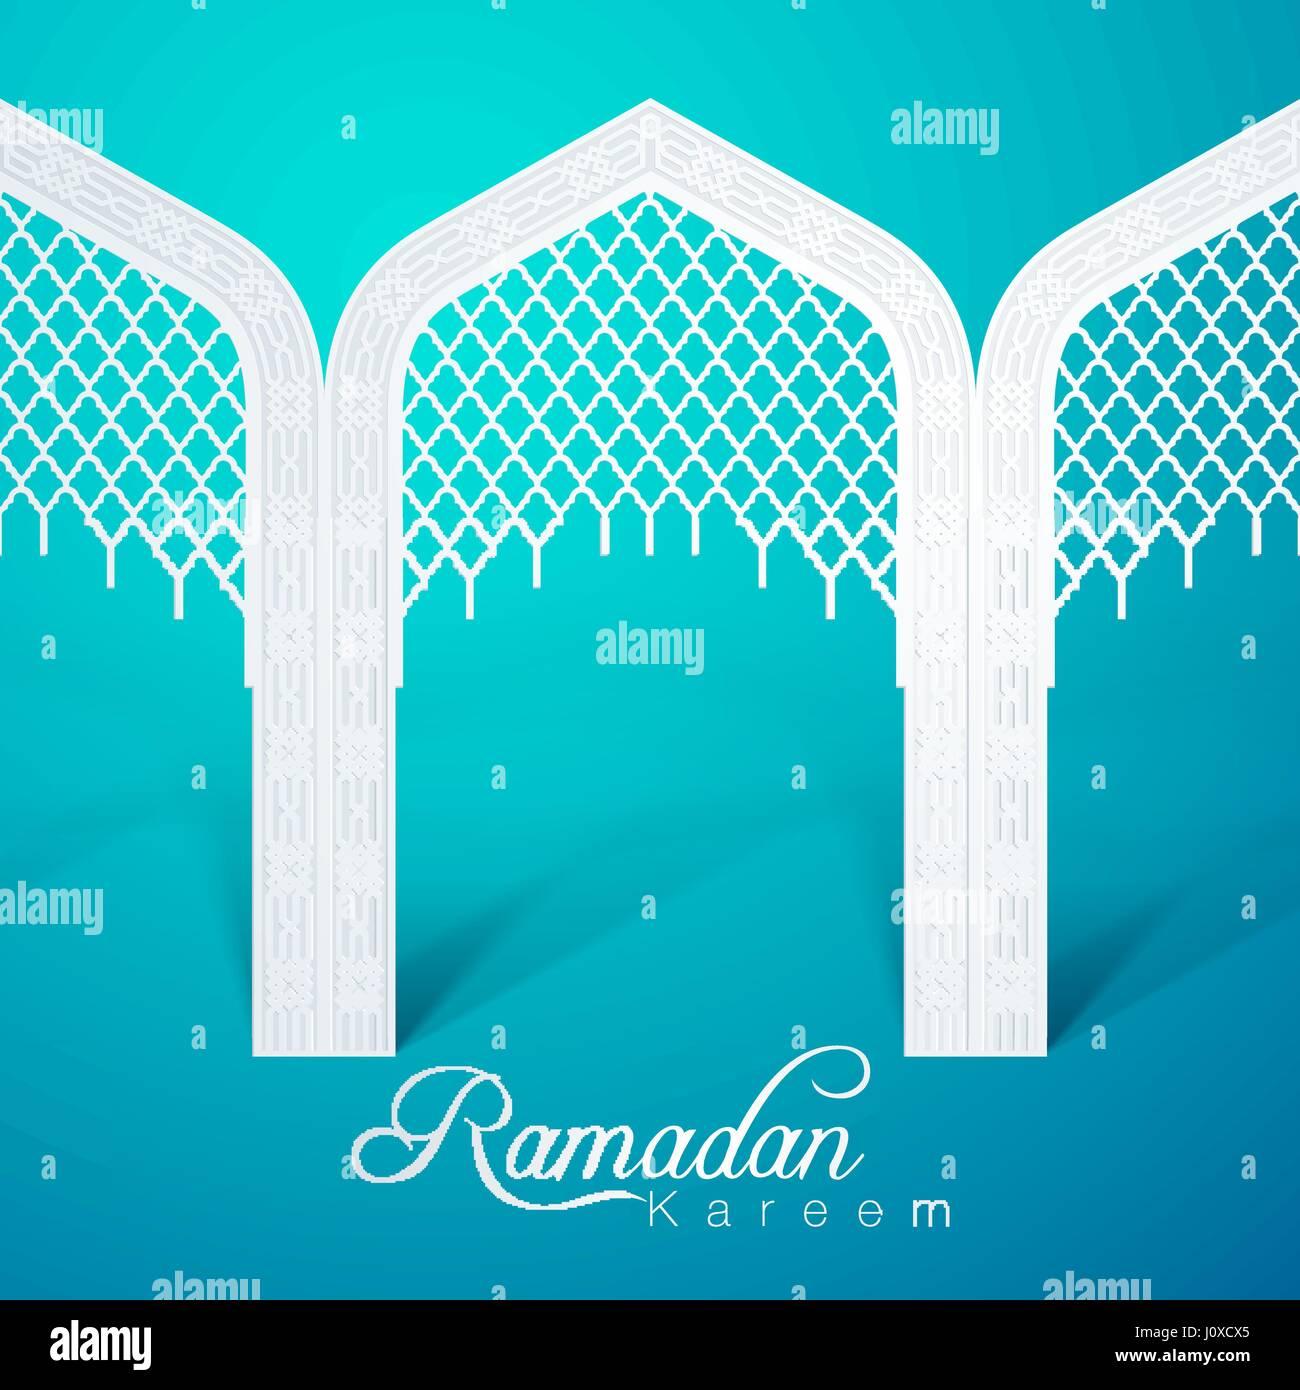 Ramadan Kareem Door Mosque White Green  sc 1 st  Alamy & Ramadan Kareem Door Mosque White Green Stock Vector Art ...